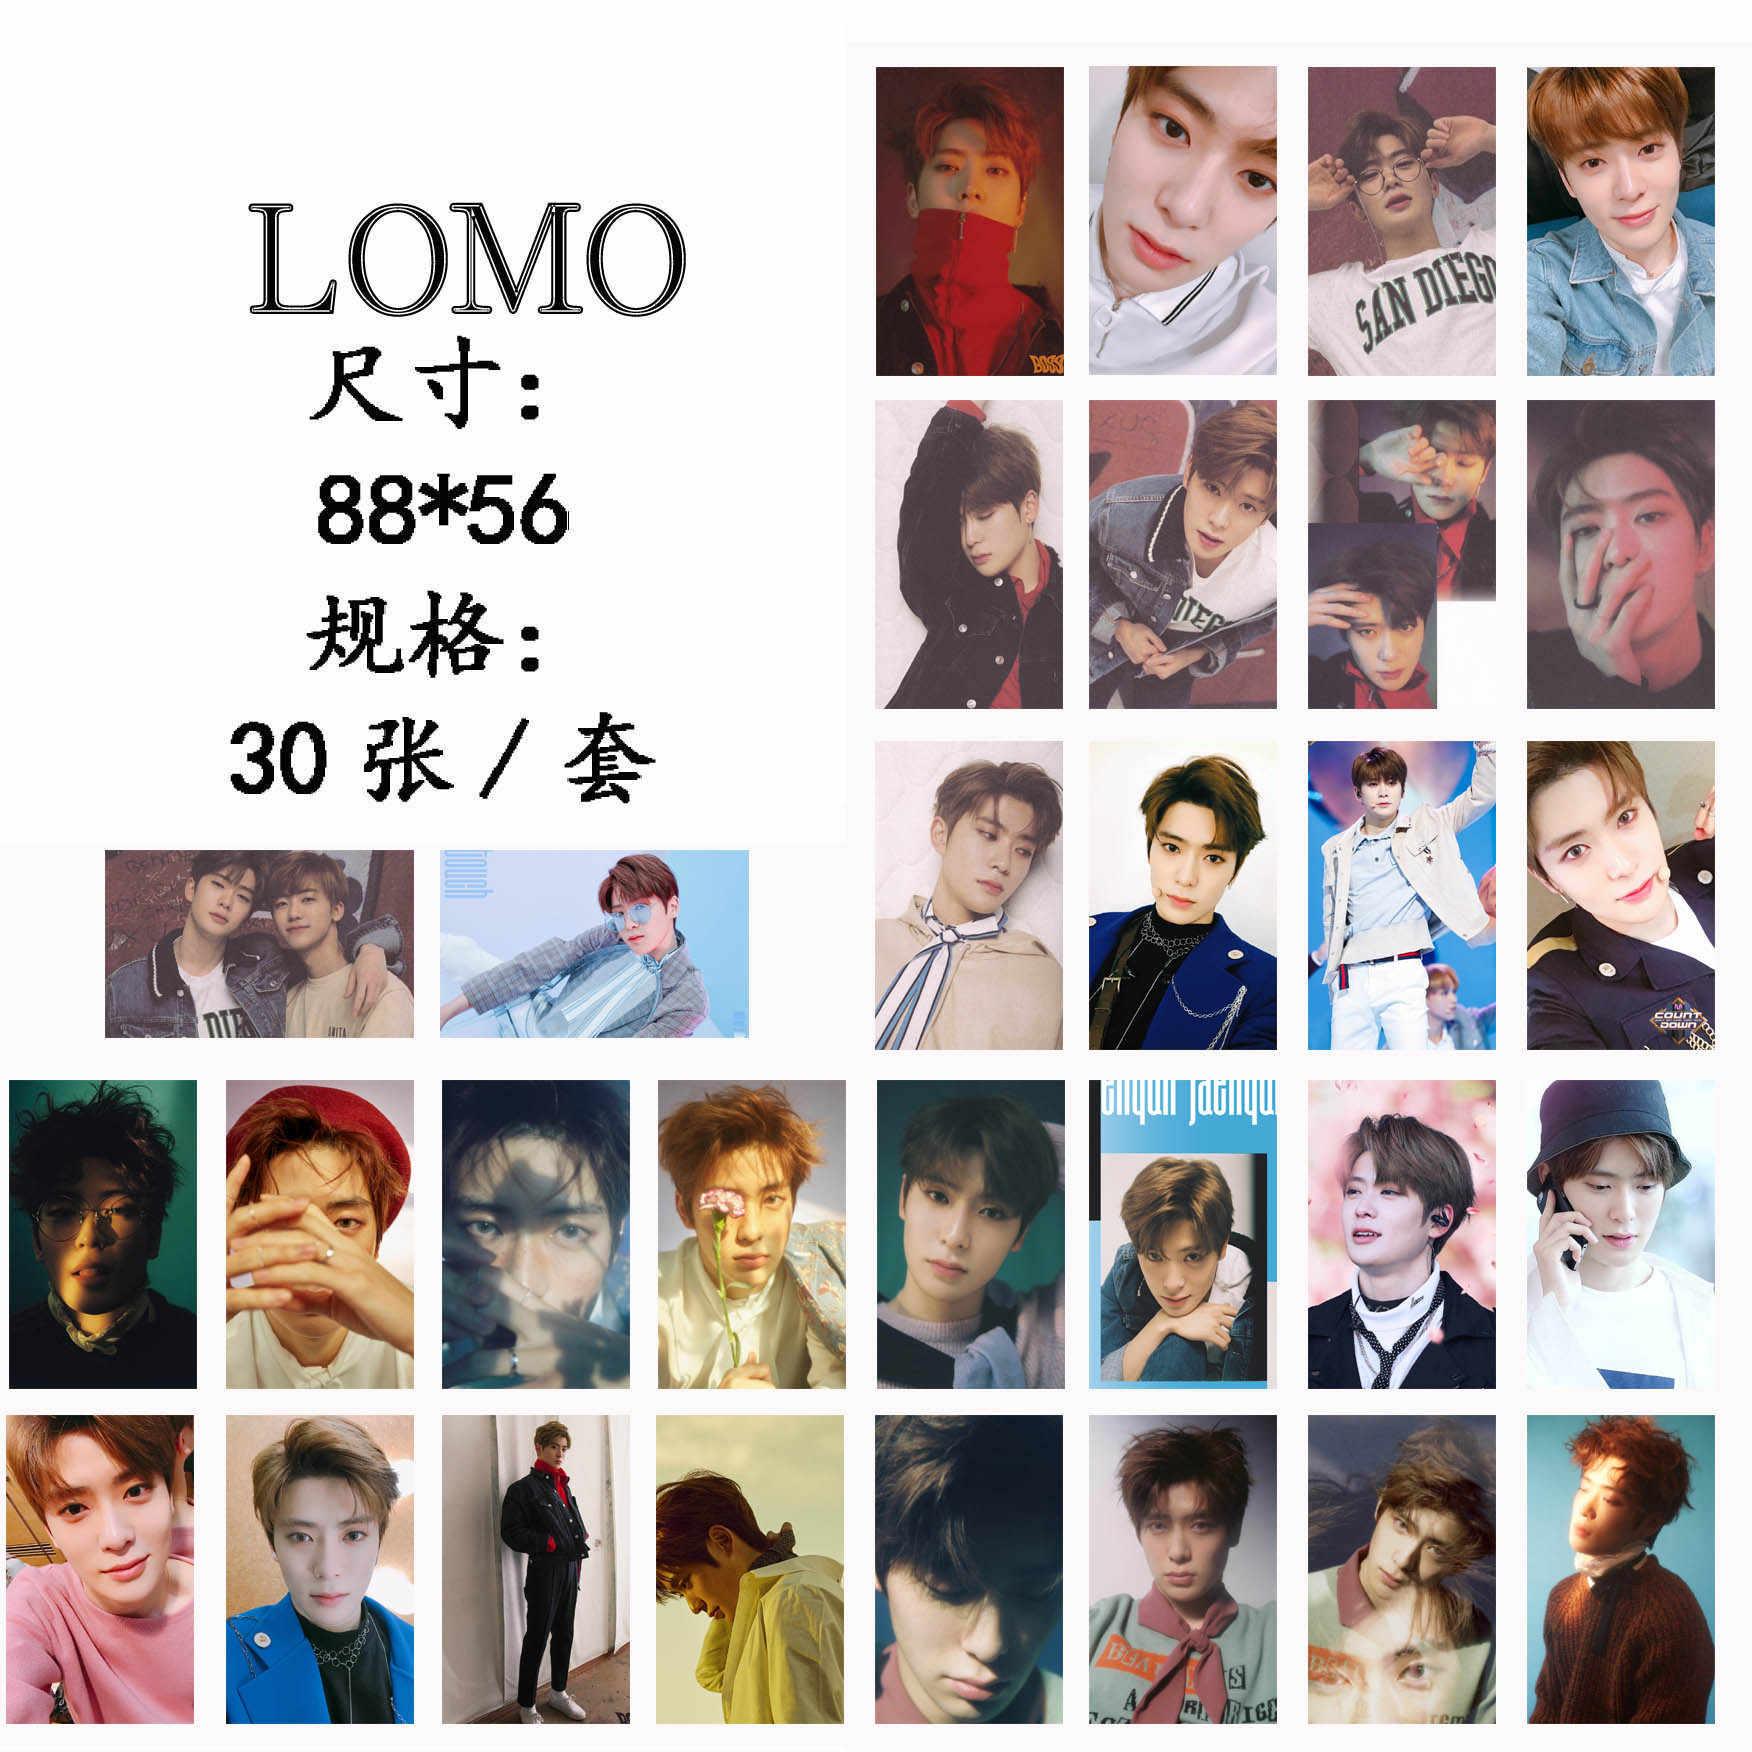 30 Cái/bộ K-POP NCT 127 Jaehyun Photocard Chất Lượng Tốt Album Boss Kpop NCT127 Giấc Mơ HD Lomo Thẻ Thời Trang hàng Mới Về